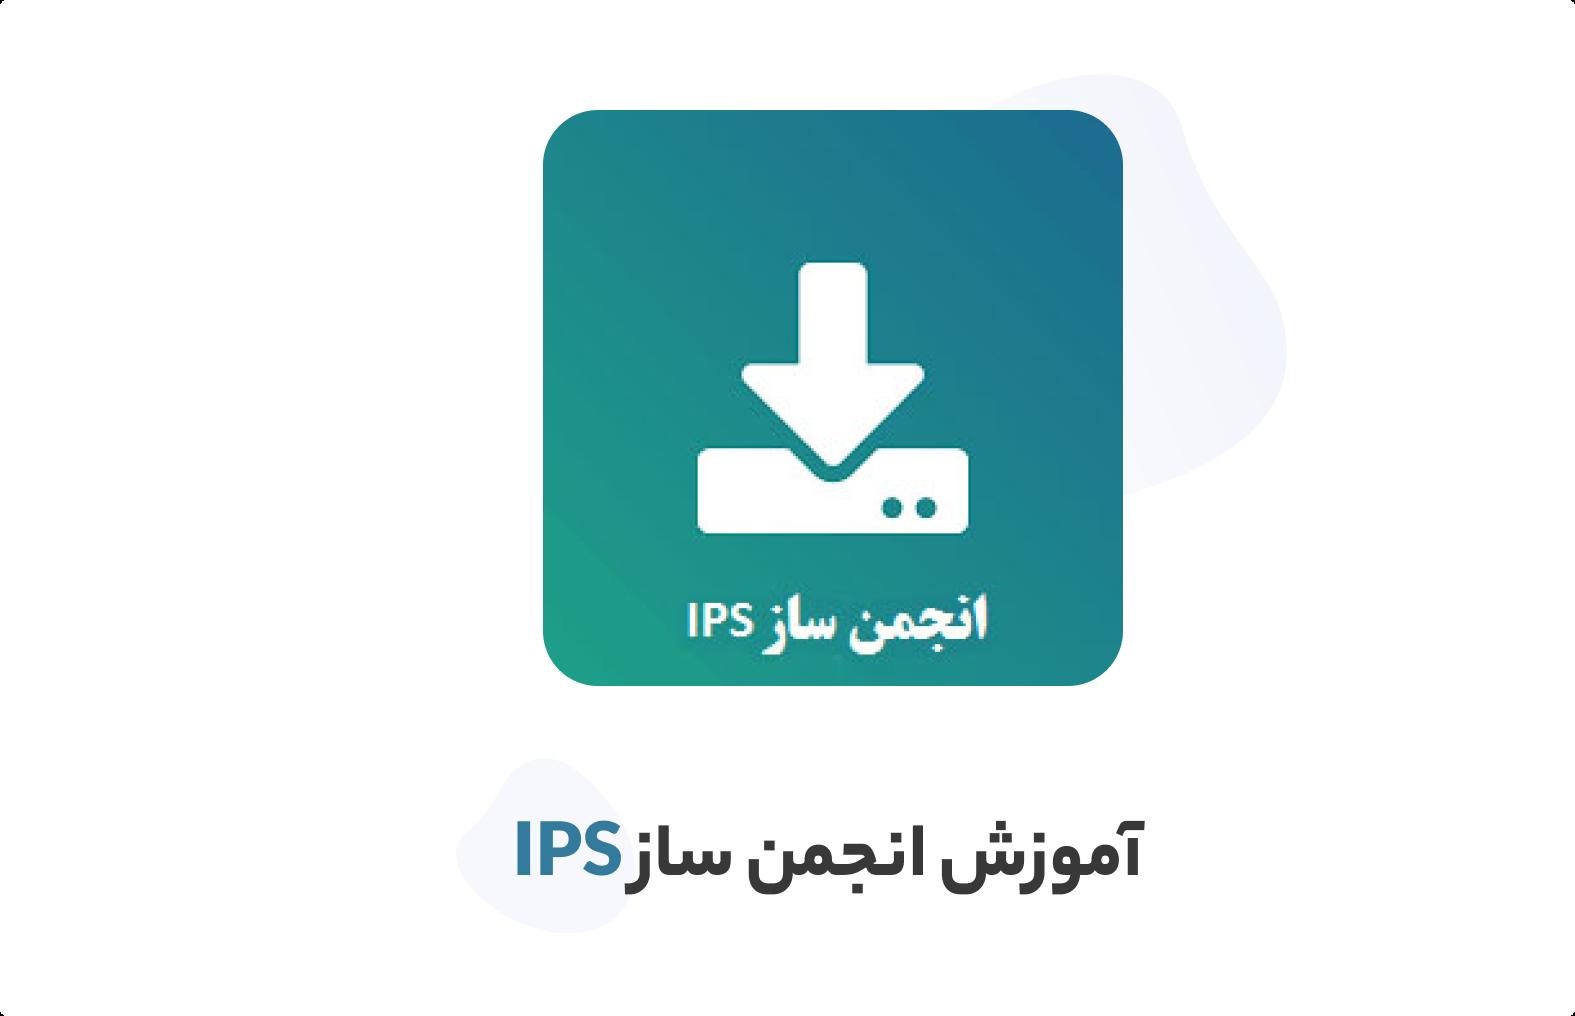 آموزش انجمن ساز ای پی بورد | انجمن ساز IPS